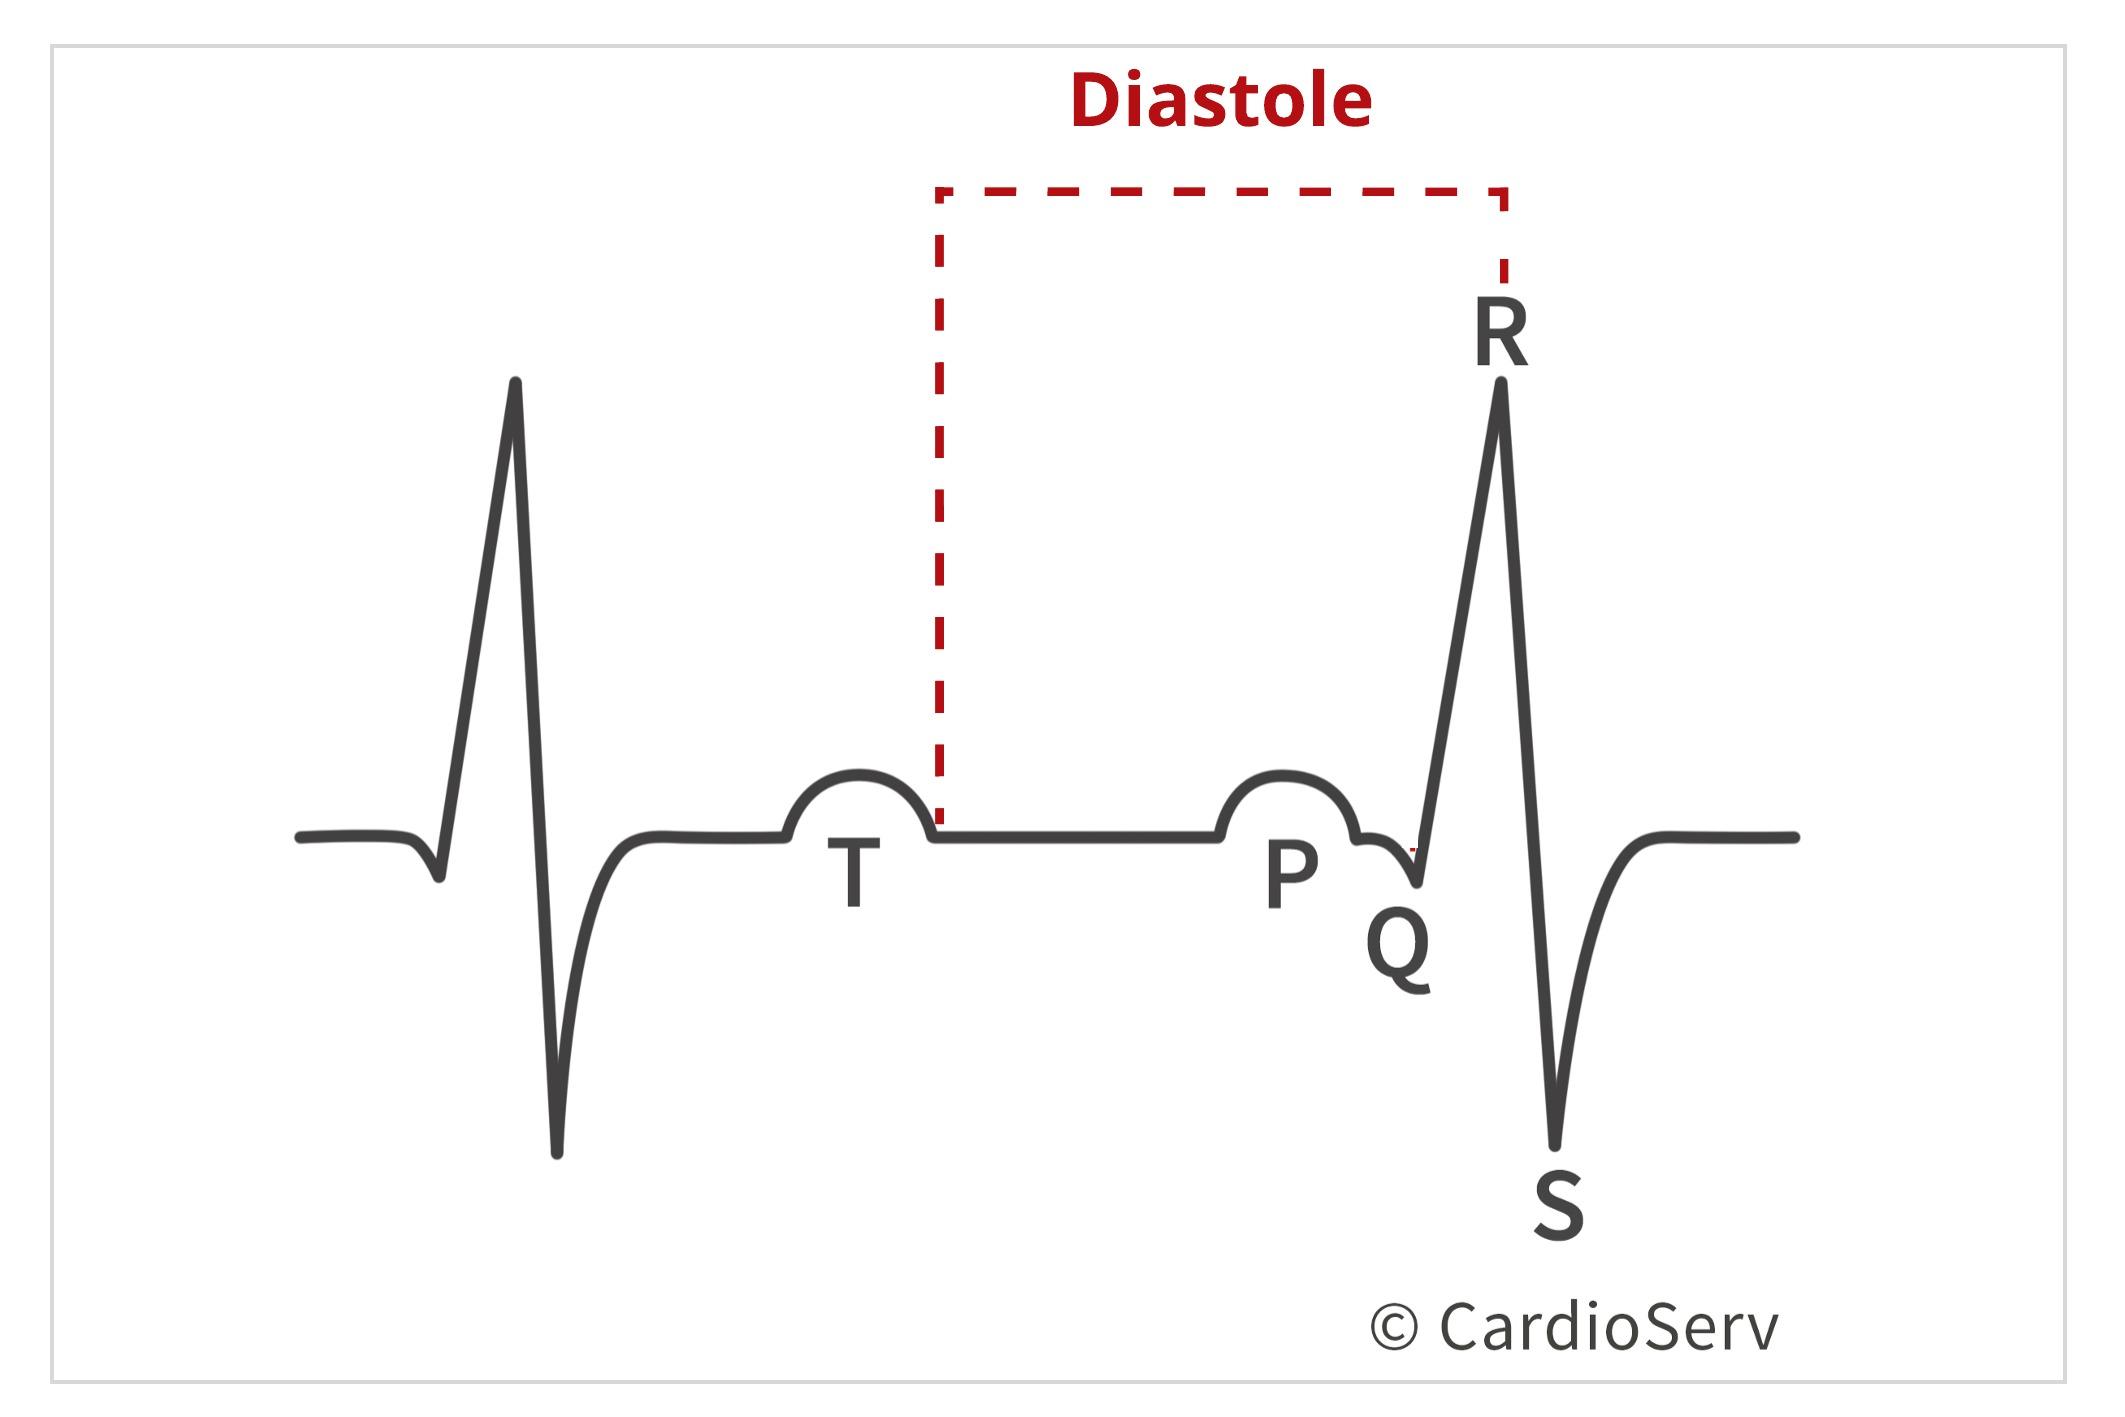 Diastole in Cardiac Cycle